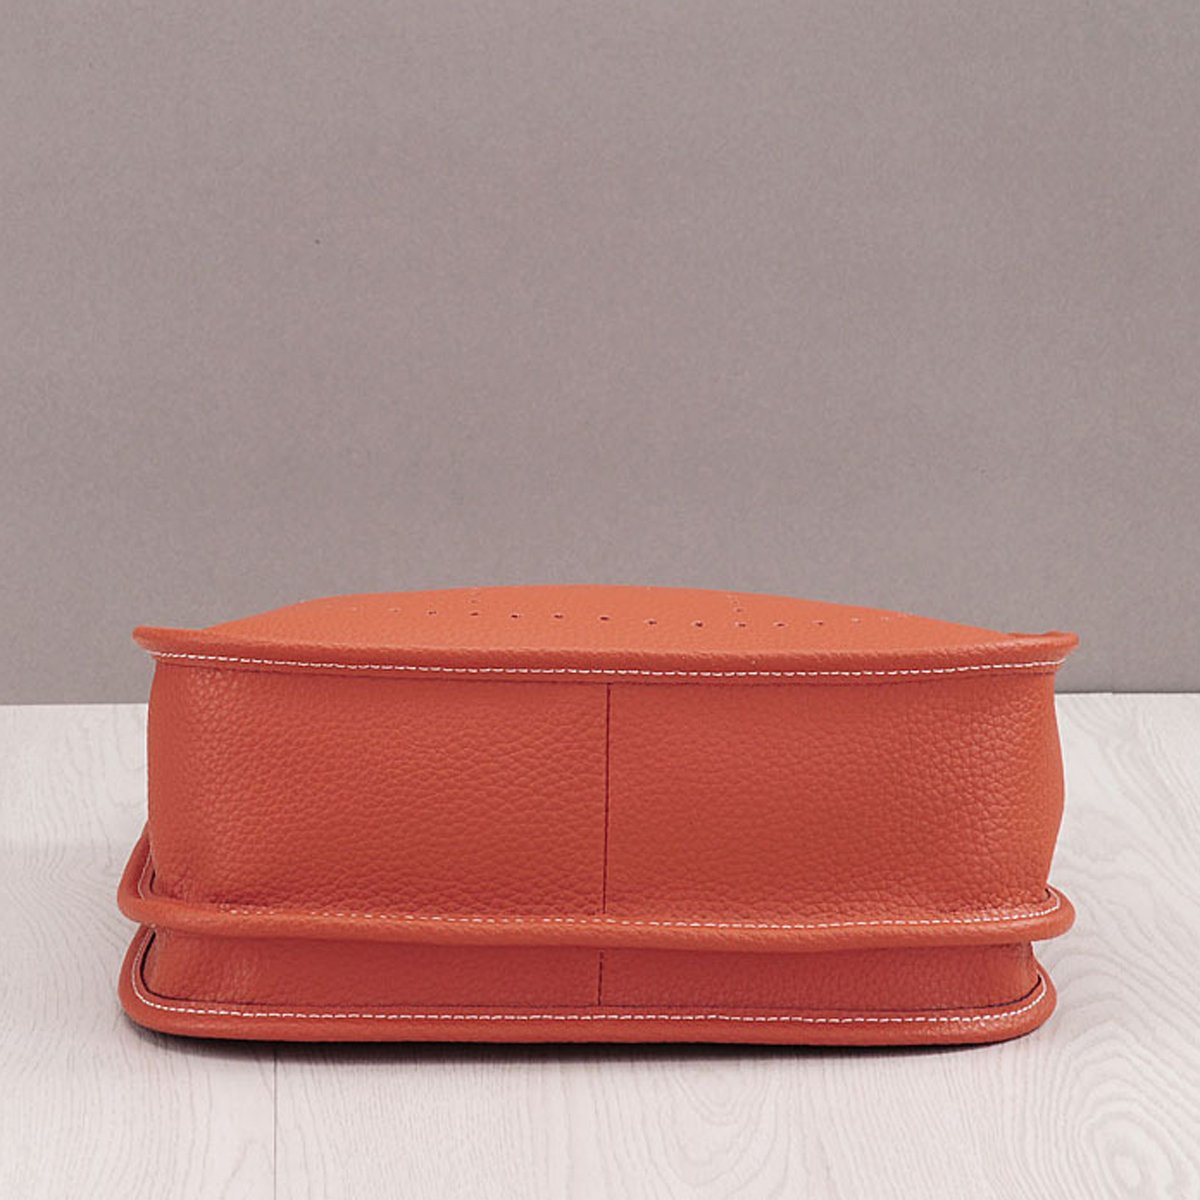 2019 Damen Litchi Leder Schultertasche Mode Eimer Tasche Messenger Bag beil/äufige Tasche 28 * 29 * 10cm, Beige